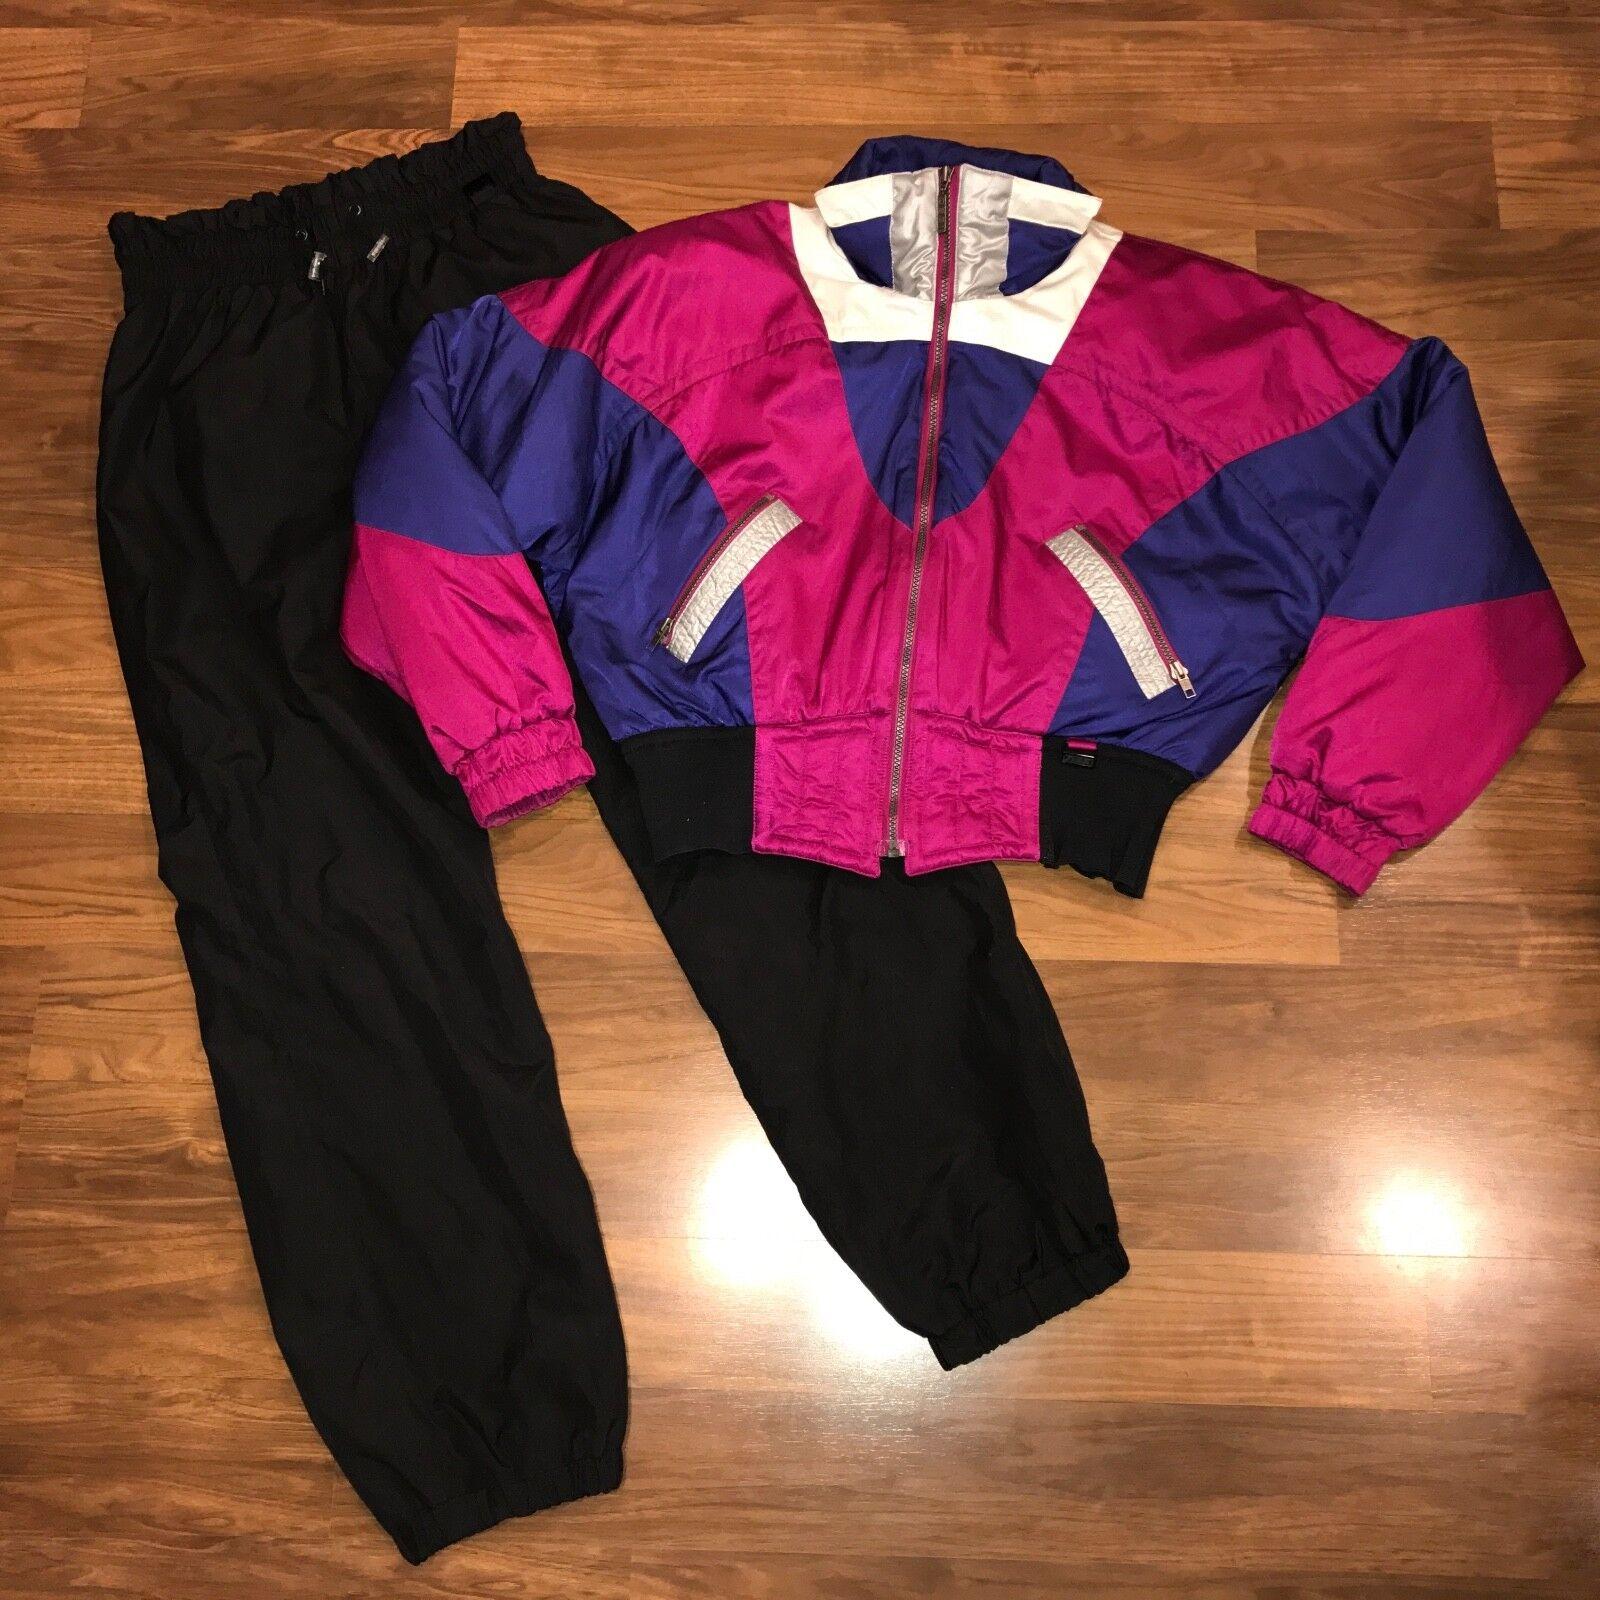 Vtg 80s 90s OSSI Two piece SNOWSUIT Womens LARGE Ski  Snow Suit Coat Bib Pants L  deals sale